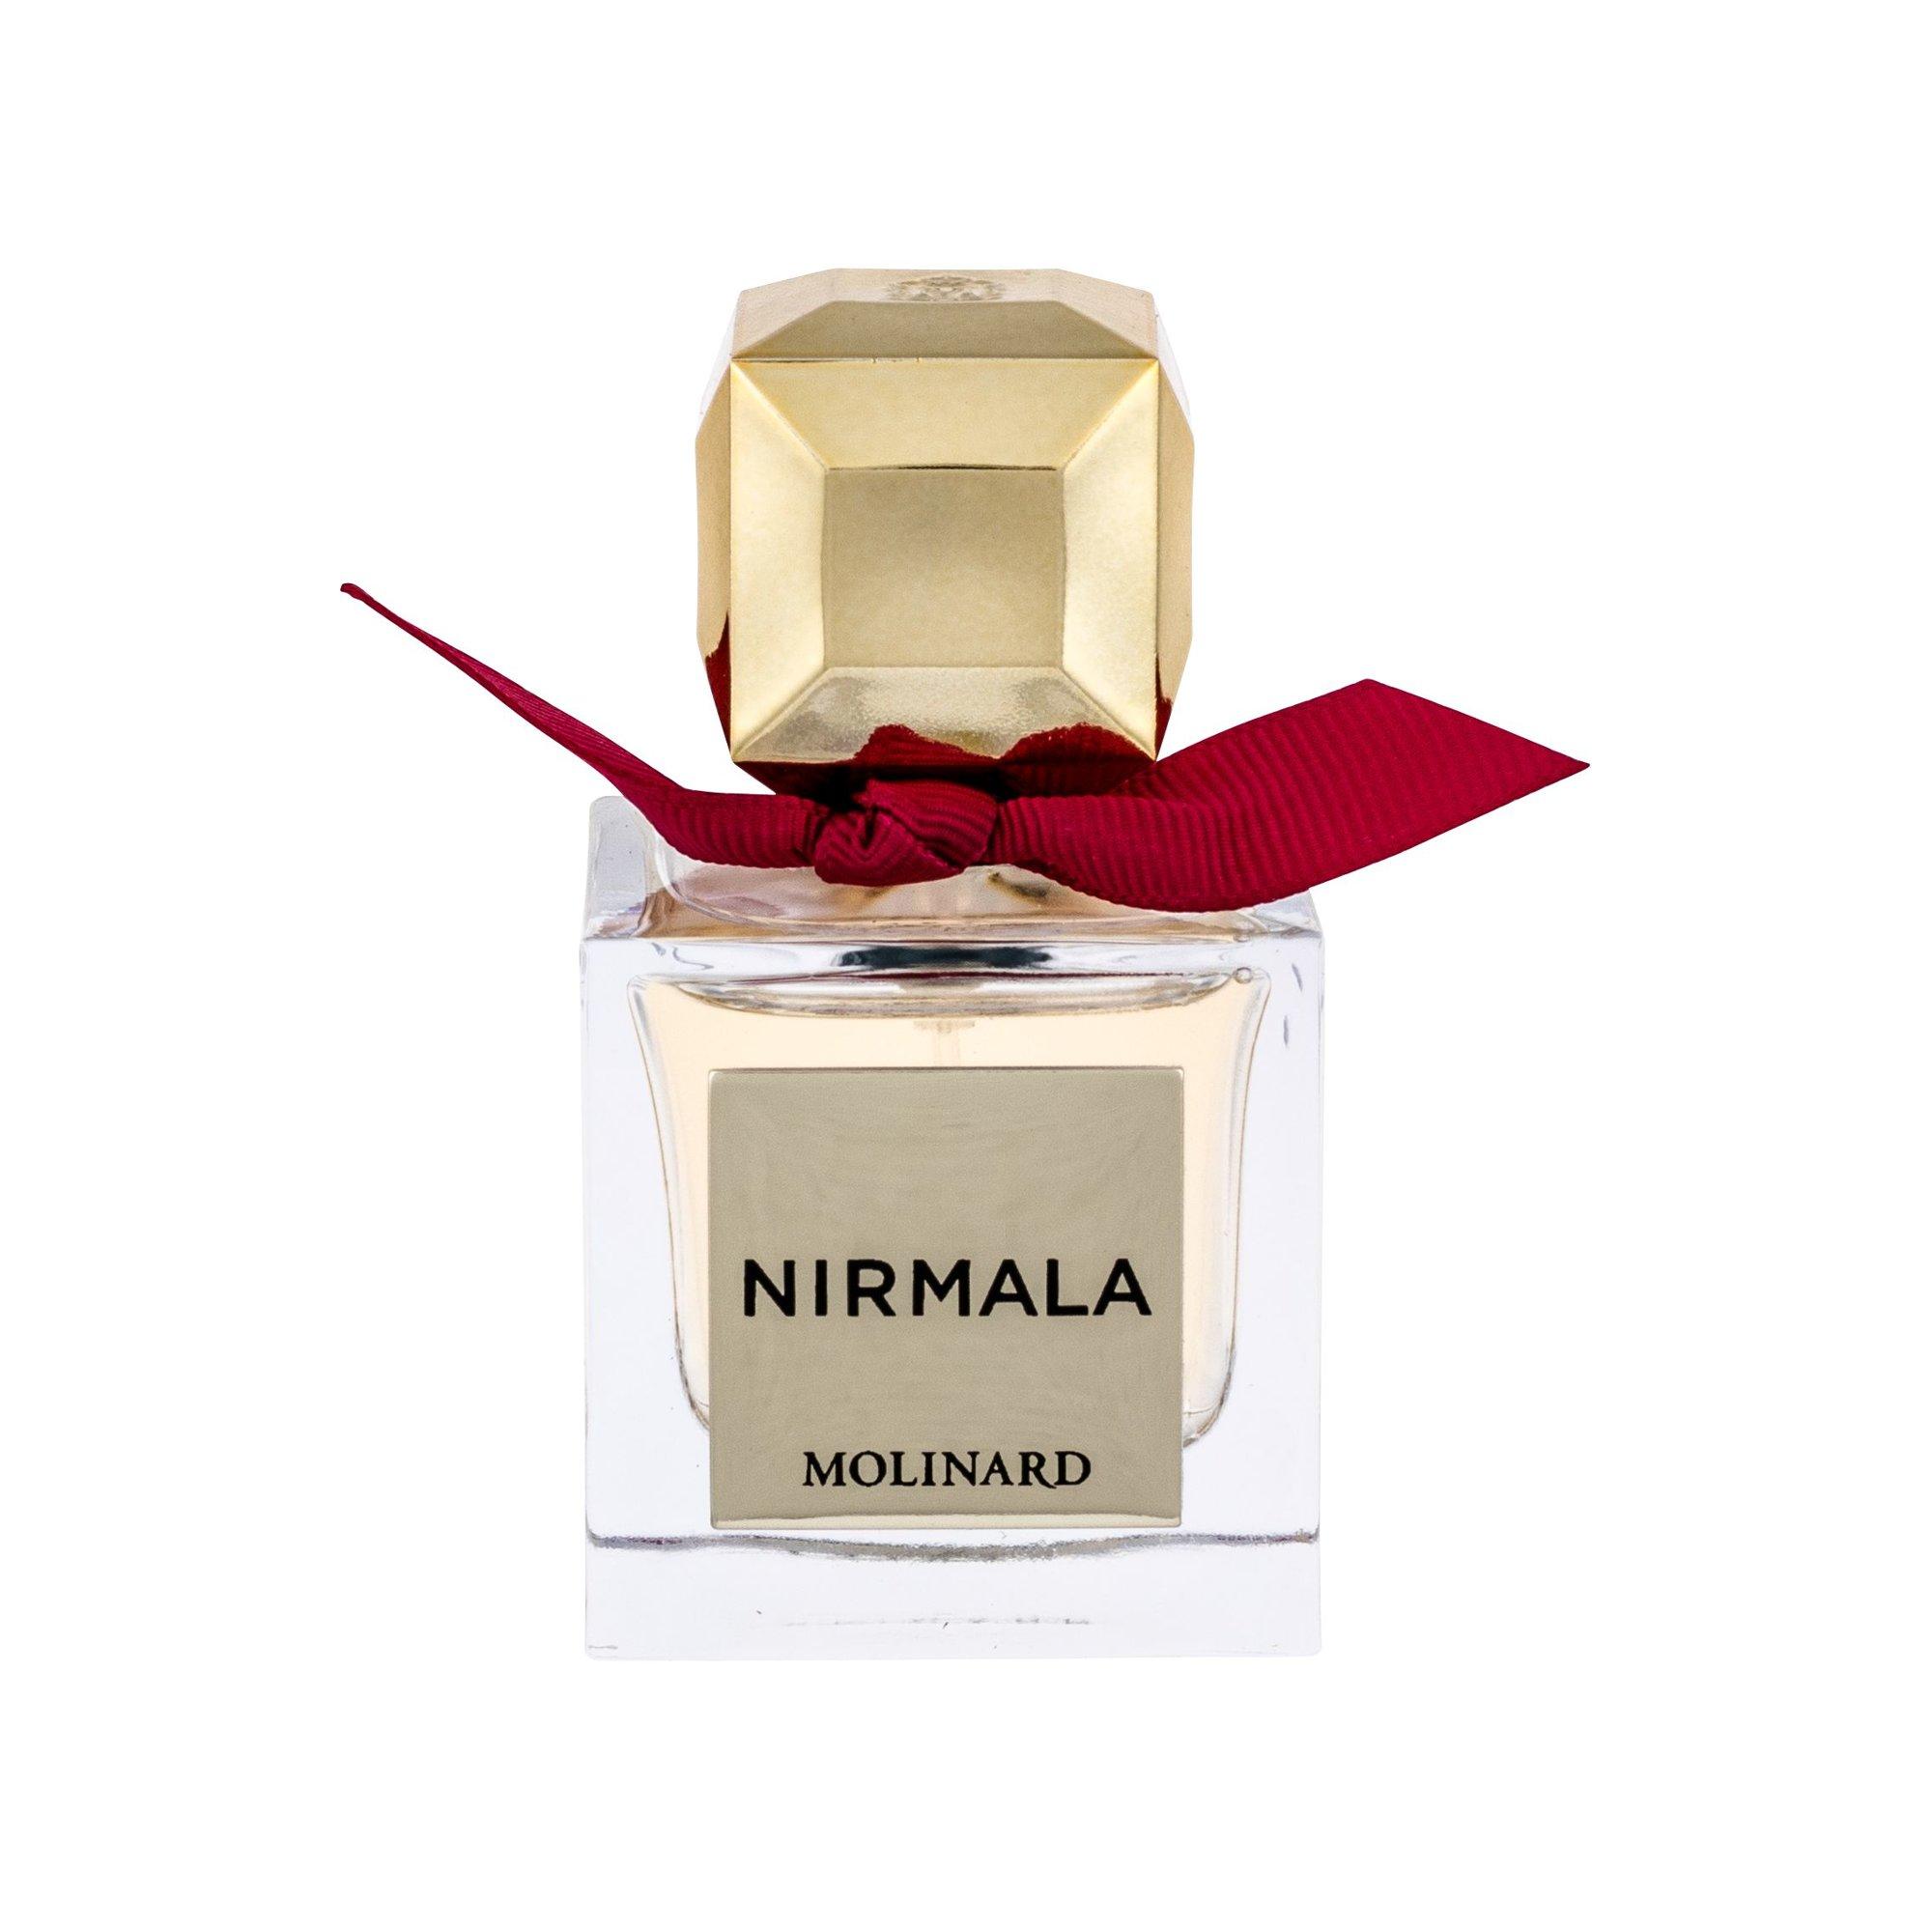 Molinard Nirmala EDP 30ml